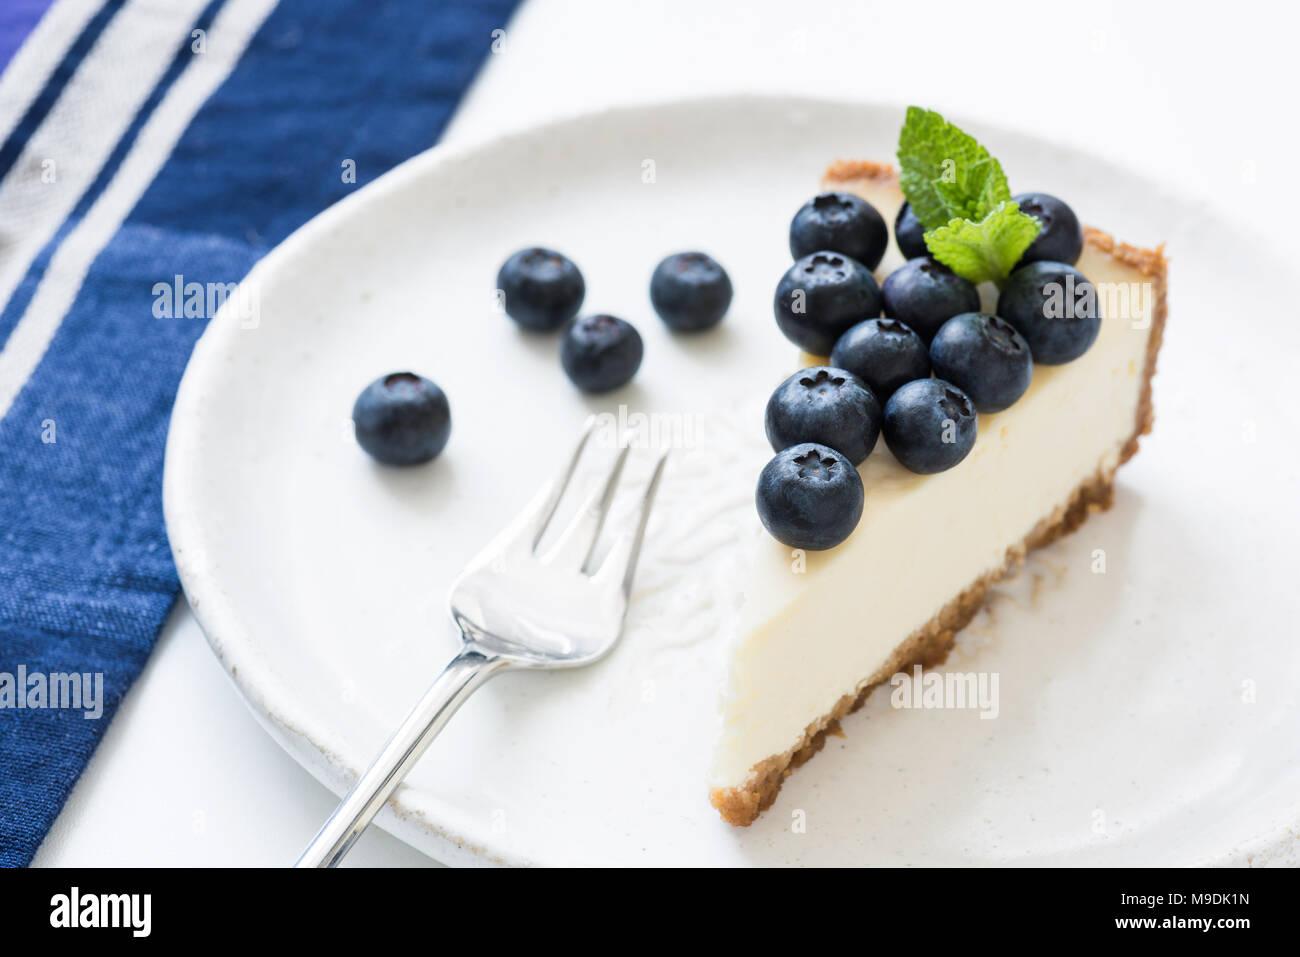 Gâteau au fromage avec des bleuets frais sur plaque blanche. Gâteau aux bleuets. À l'horizontal, selective focus Photo Stock